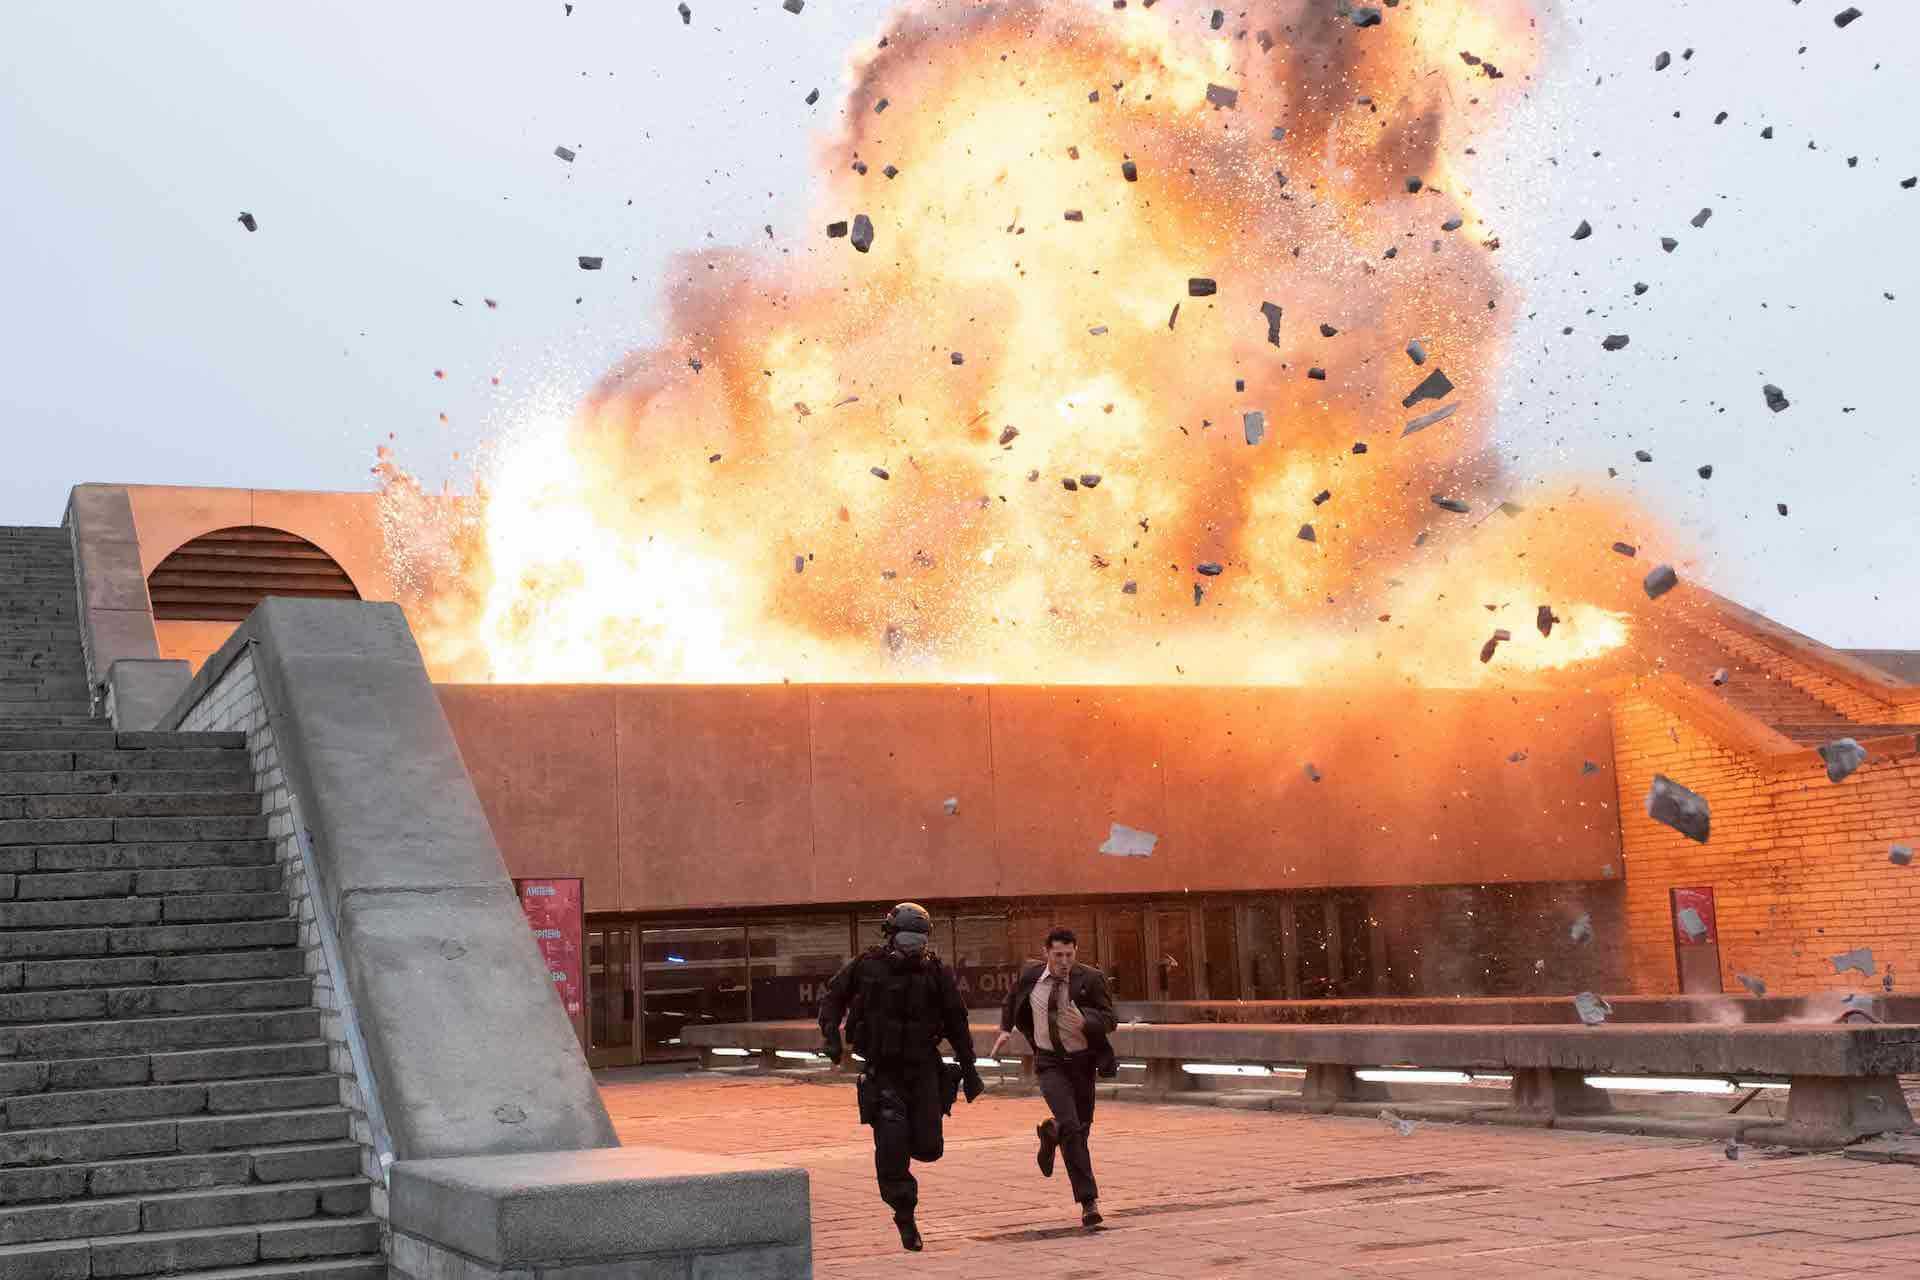 クリストファー・ノーラン最新作『TENET テネット』が日本でも大ヒット!IMAXの魅力たっぷりな特別映像が解禁 film200923_tenet_3